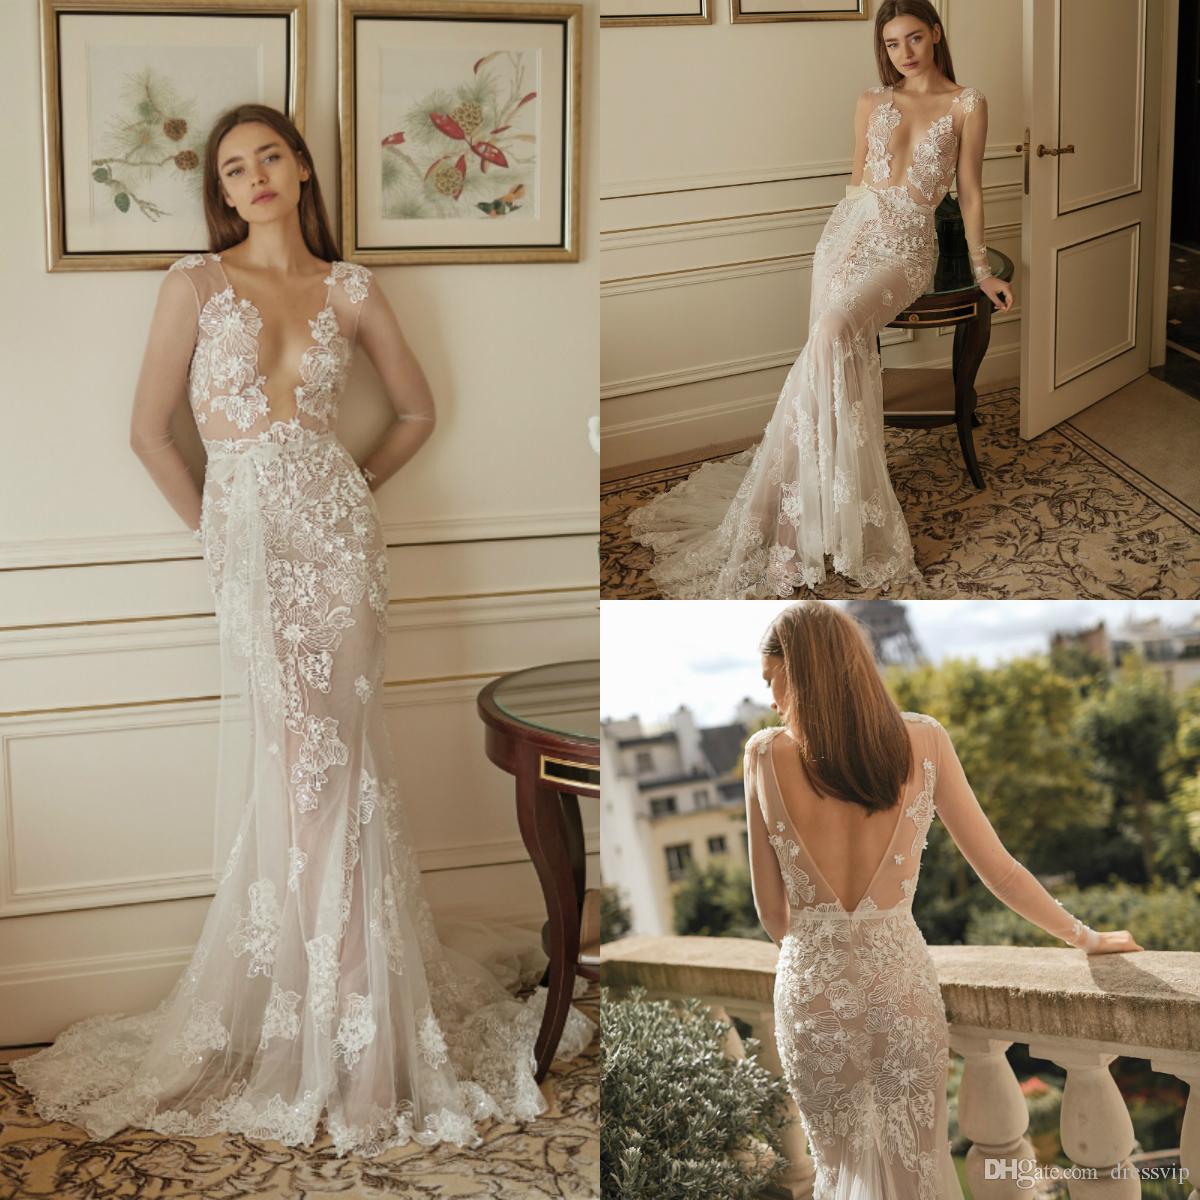 Illusion de mariée sirène Robes Boho balayage train col en V dentelle Applique Robe de mariée 2020 à manches longues Robes de mariée